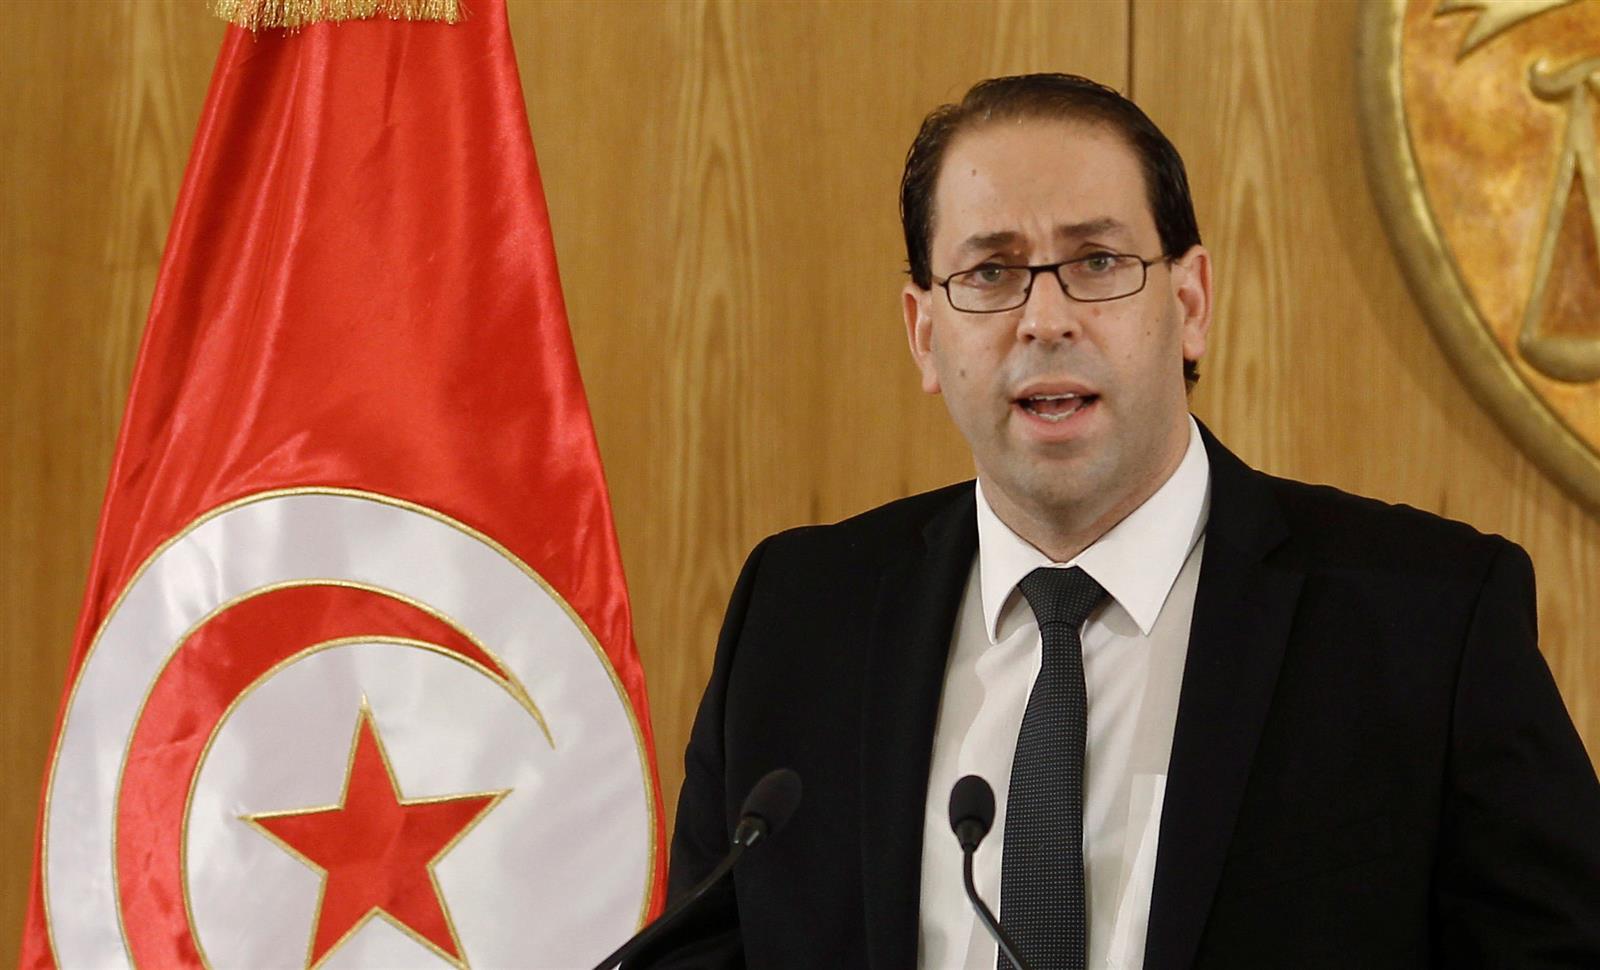 رئيس الحكومة التونسية يتعهد بالثأر بعد العملية الارهابية بالقصرين